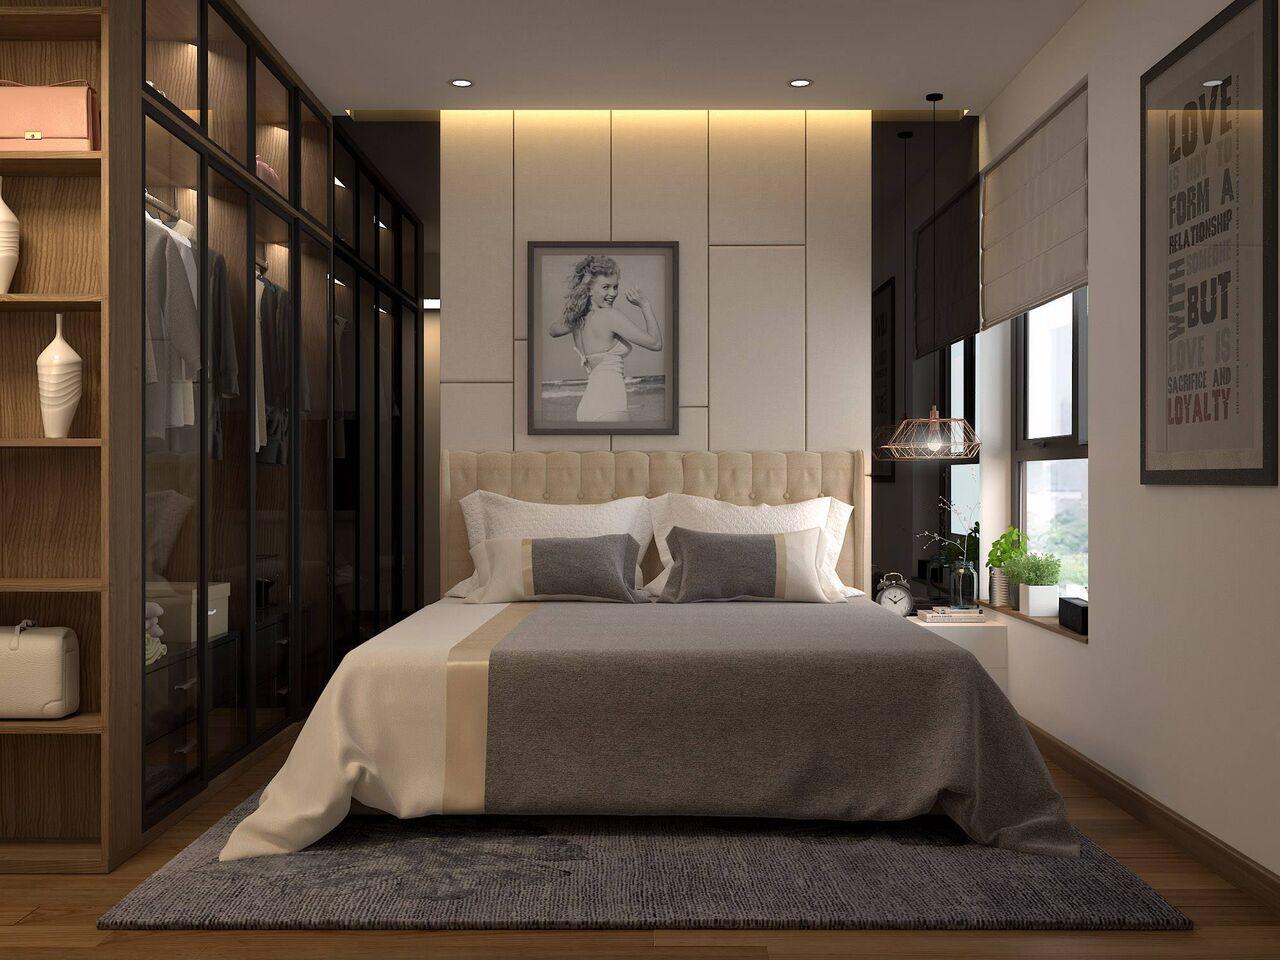 Thiết kế hiện đại và tinh tế trong phòng ngủ